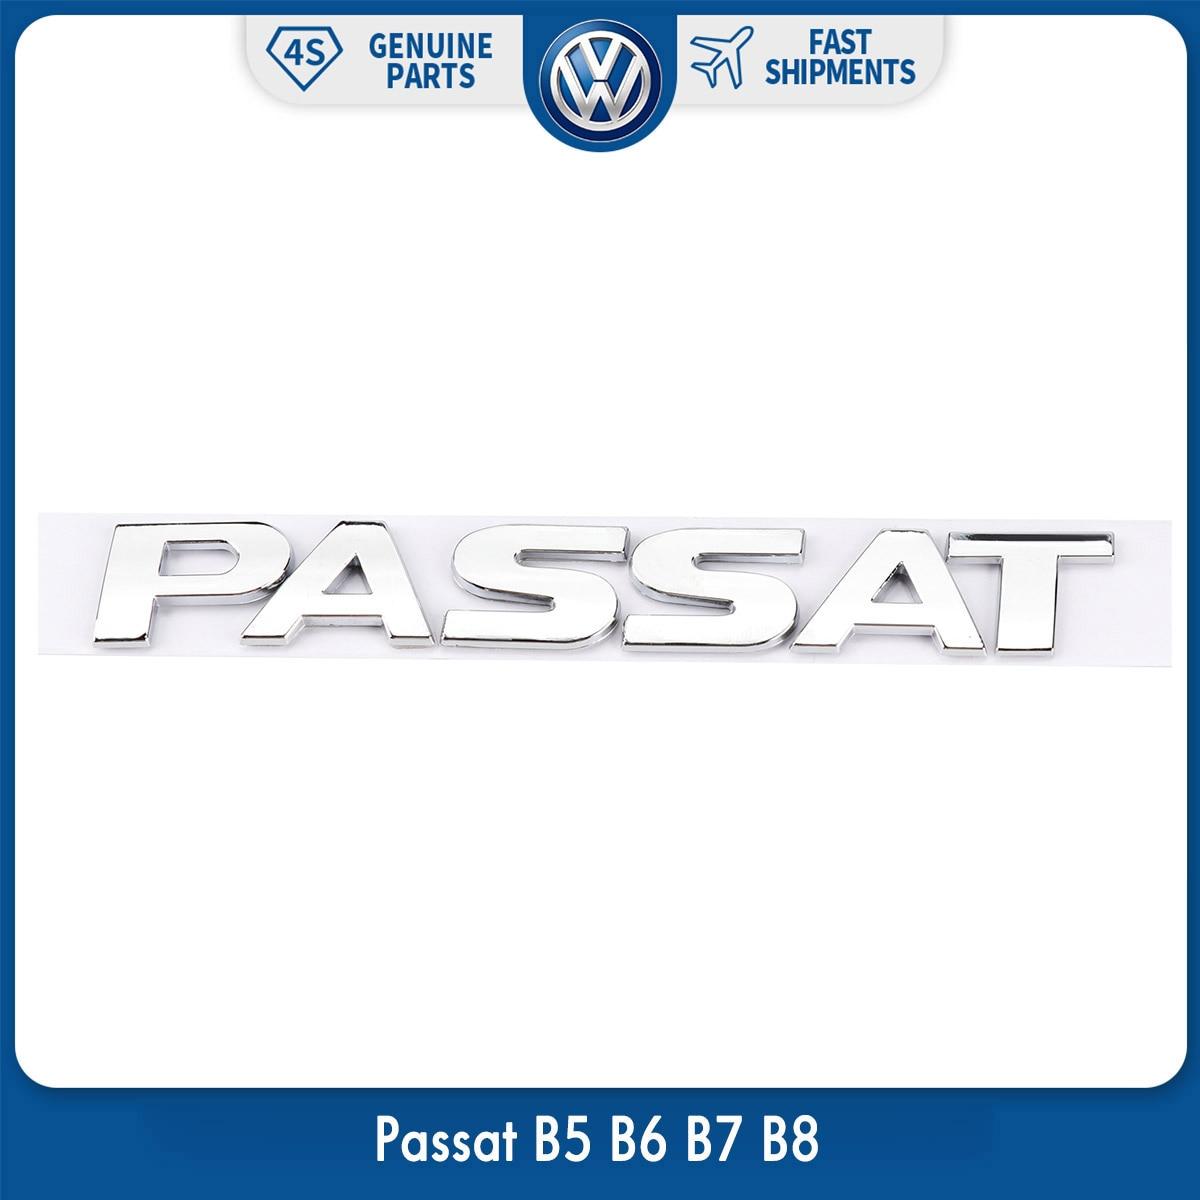 OEM оригинальная Задняя Крышка багажника, хромированная Серебристая эмблема, наклейка Passat для VW Volkswagen Passat B5 B6 B7 B8|Наклейки на автомобиль| | АлиЭкспресс